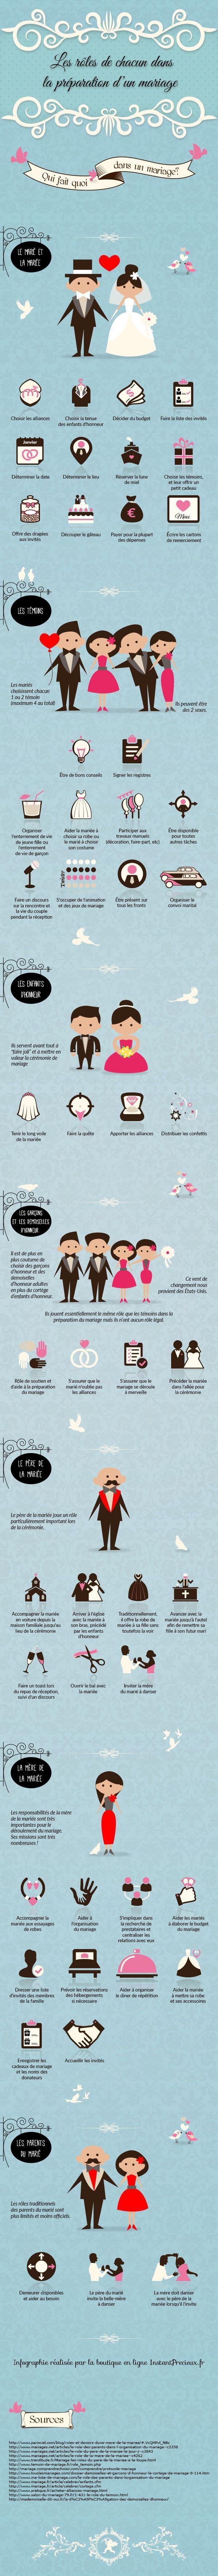 aide pour organisation de mariage rpartition des taches - Ide Animation Mariage Temoin